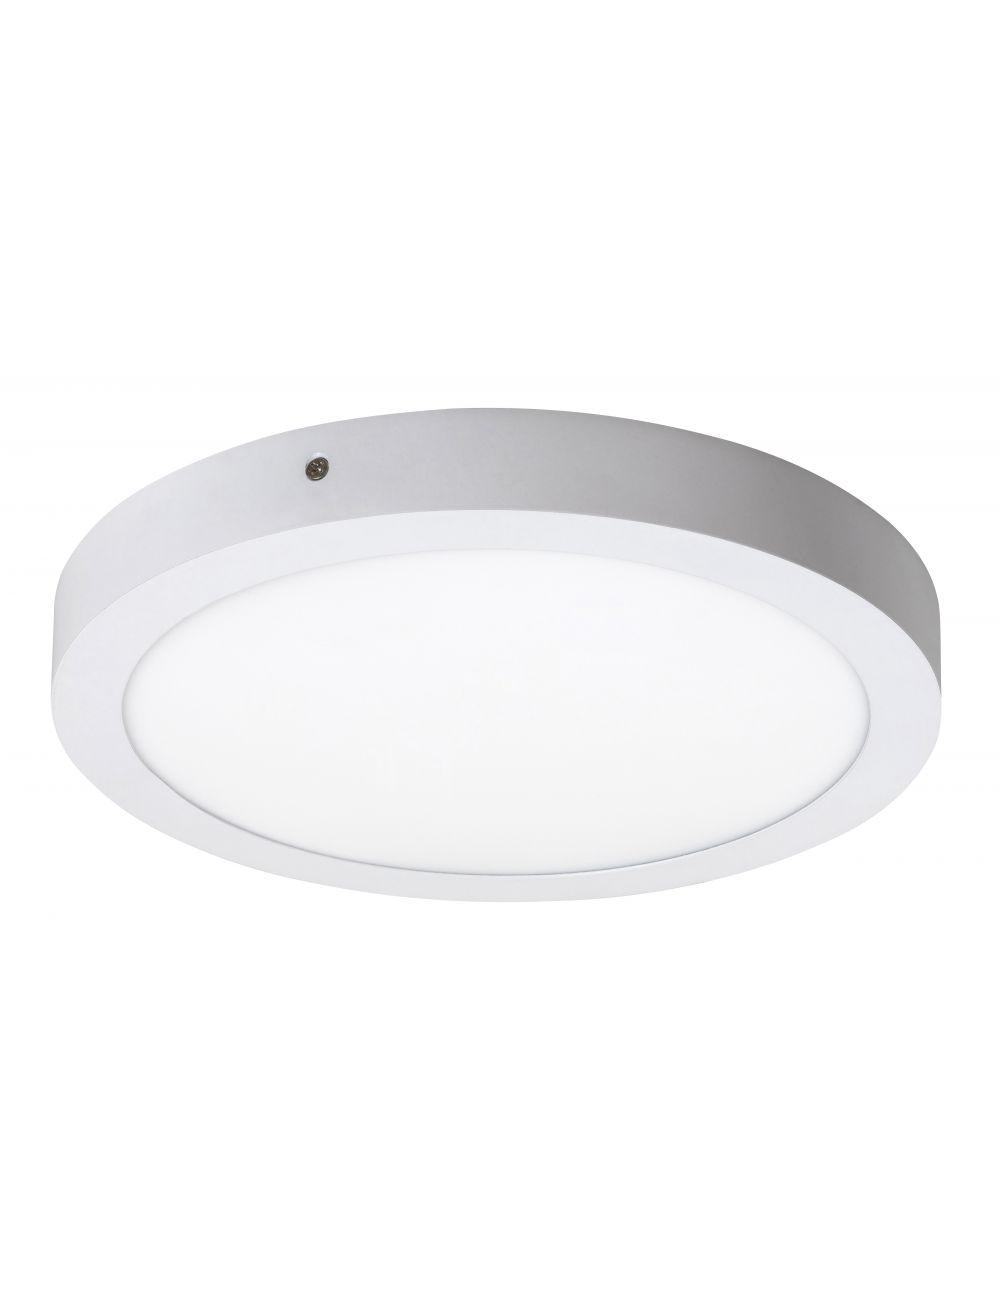 Plafon sufitowy ledowy okrągły natynkowy 30 cm Lois biały Rabalux 2657